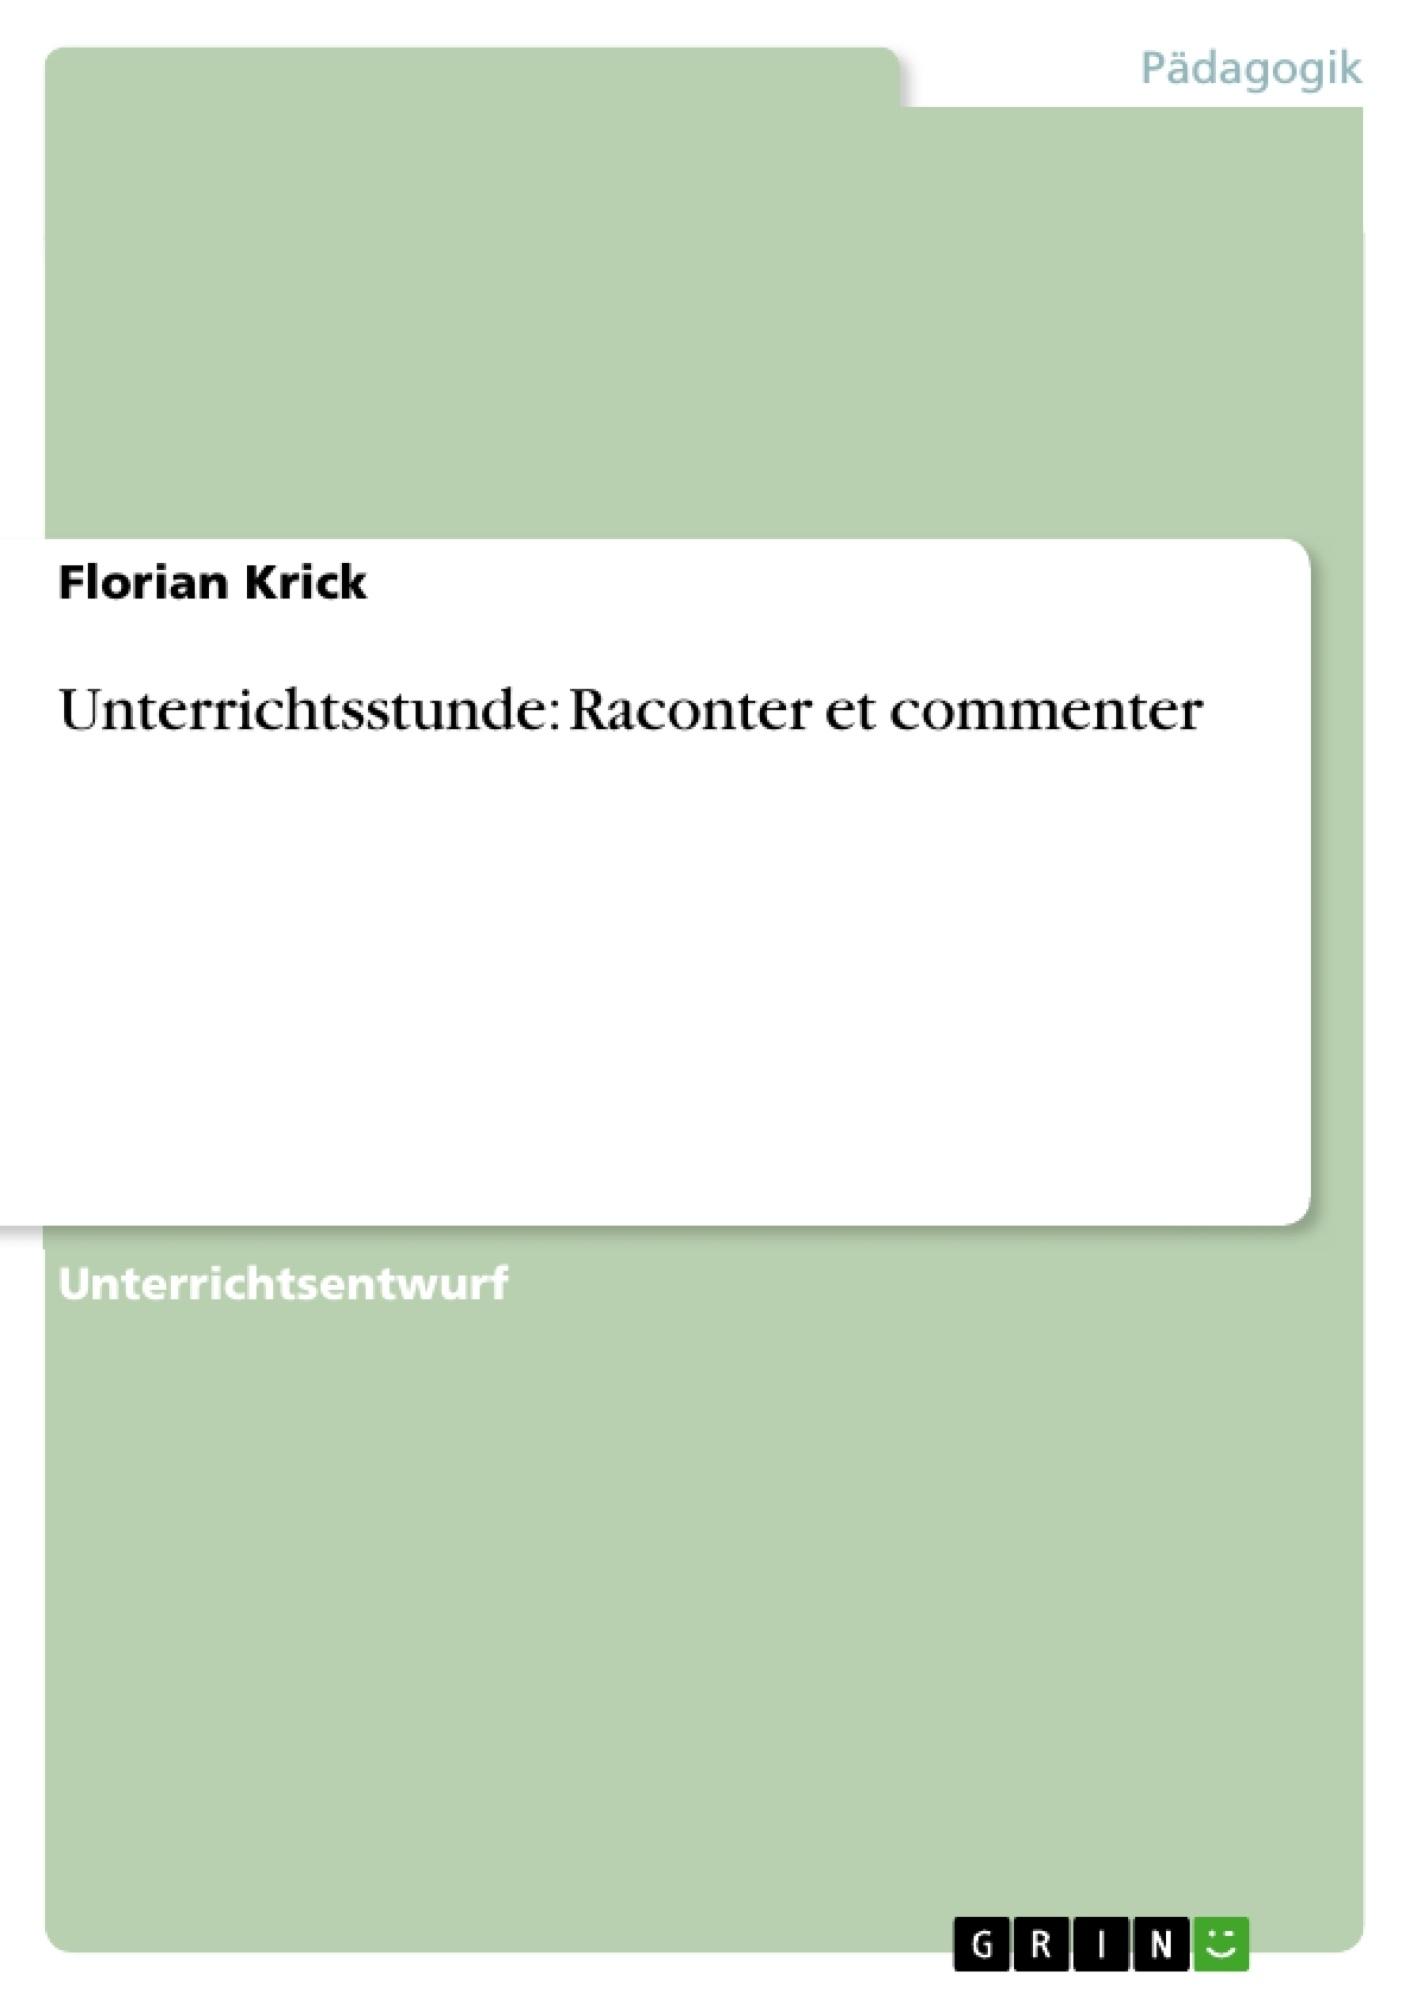 Titel: Unterrichtsstunde: Raconter et commenter